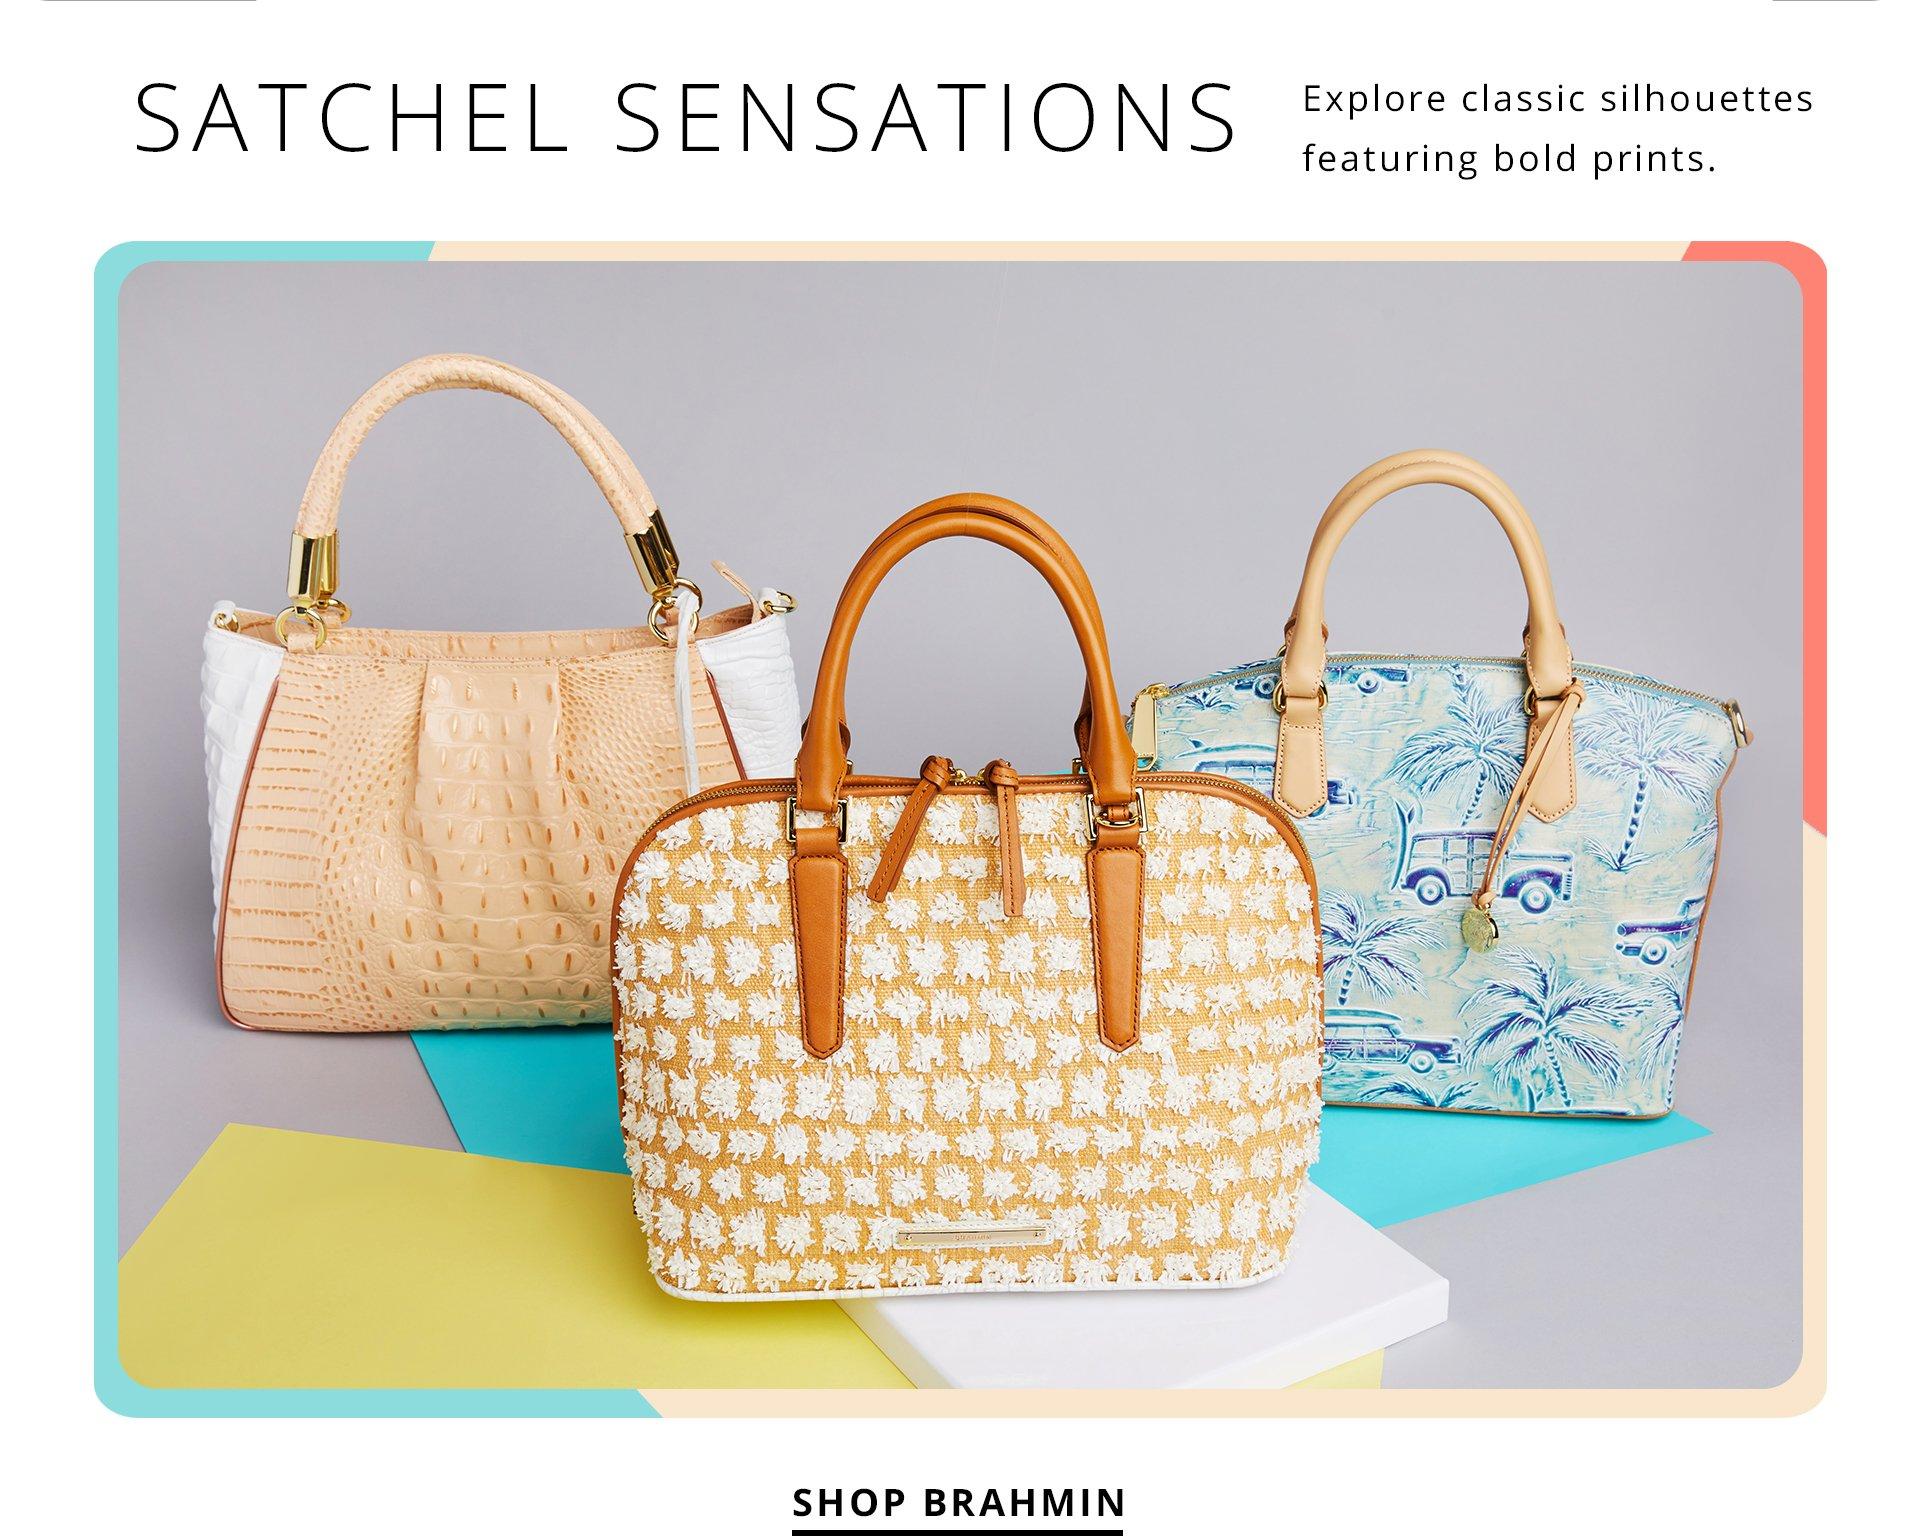 Satchel Sensations. Explore Classic silhouettes featuring bold prints. Shop Brahmin.